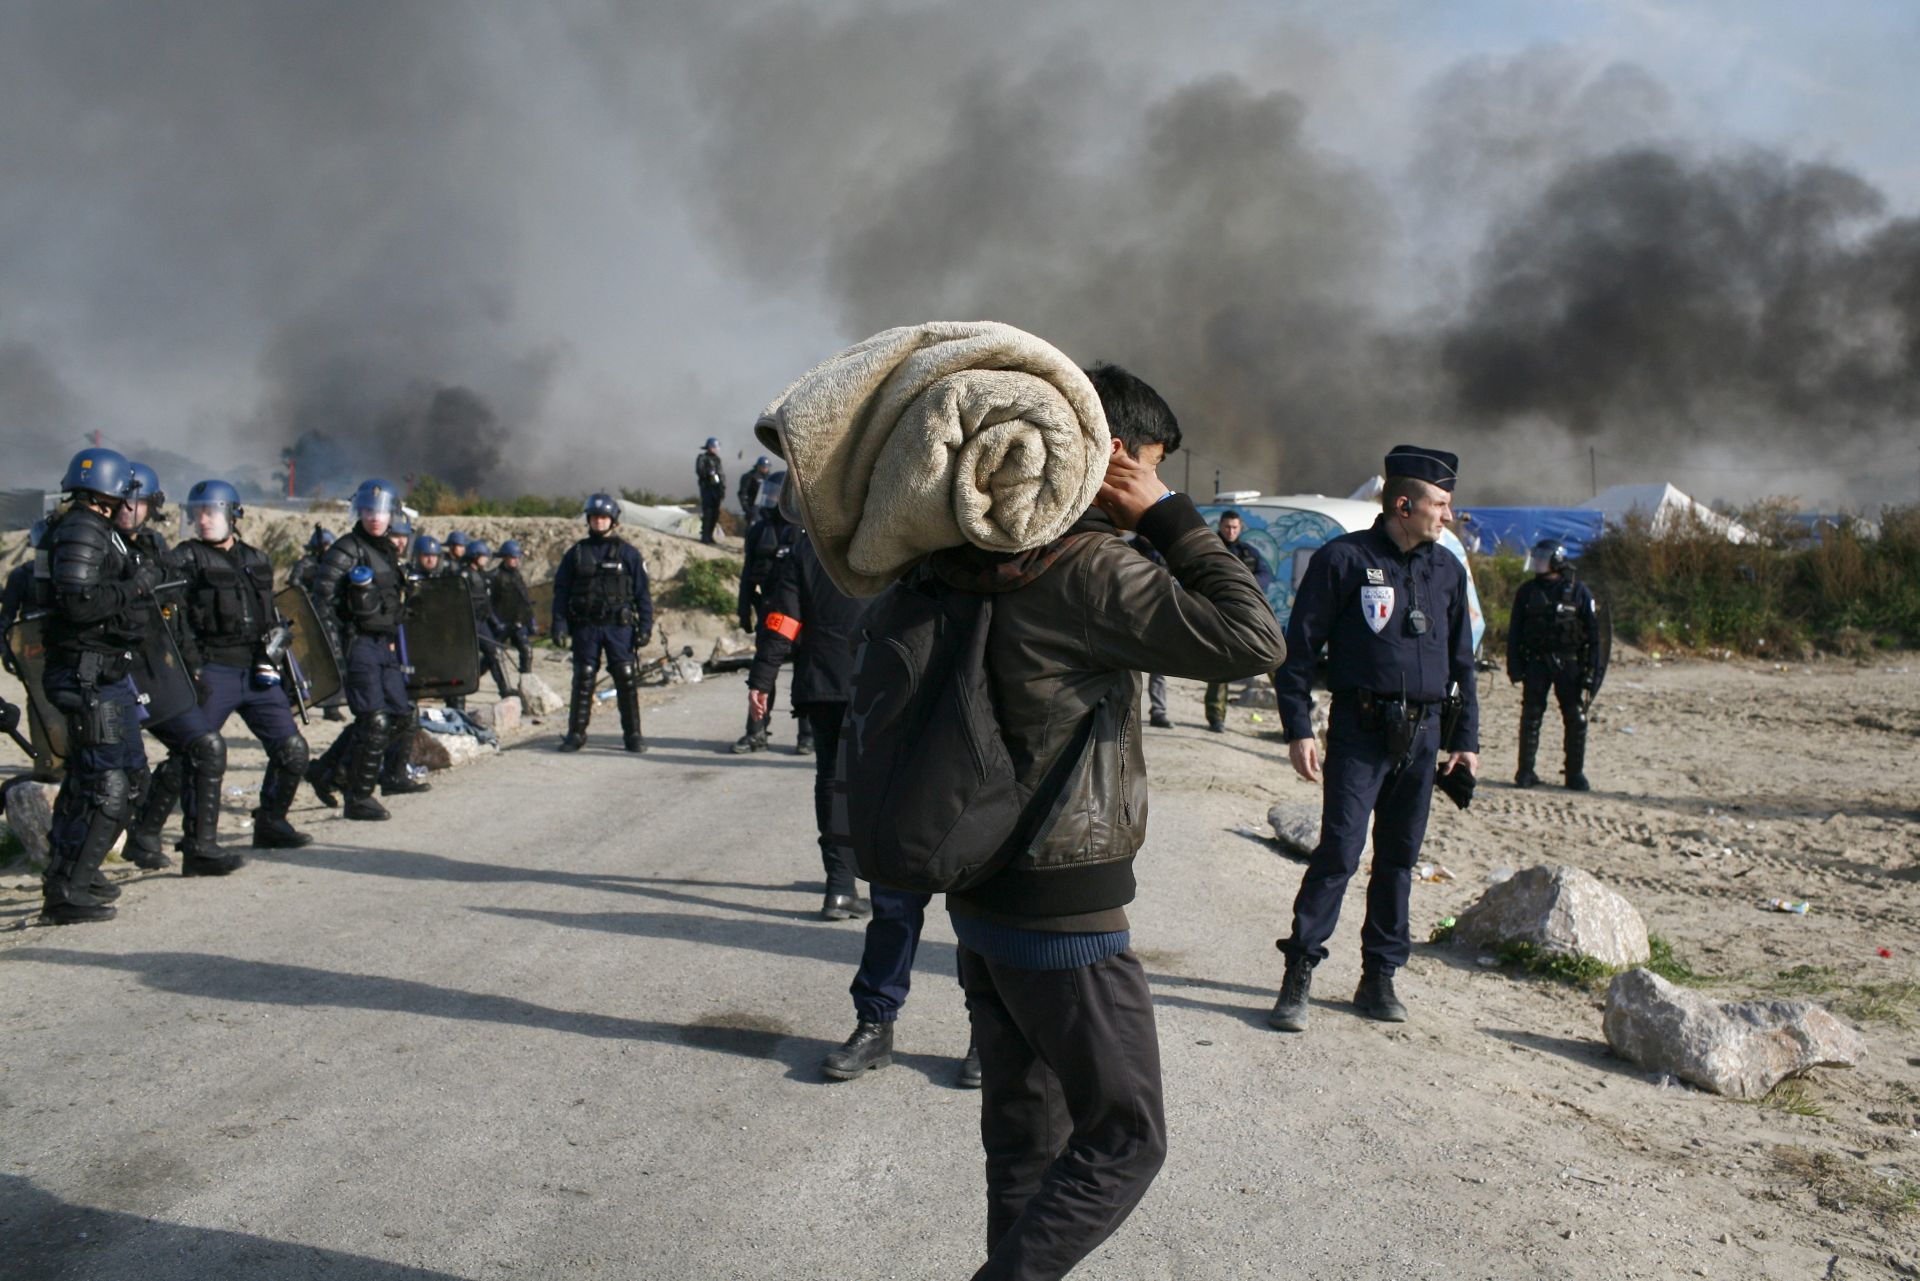 """KRAJ """"DŽUNGLE"""": Migranti napuštaju logor u Calaisu koji nestaje u požaru"""